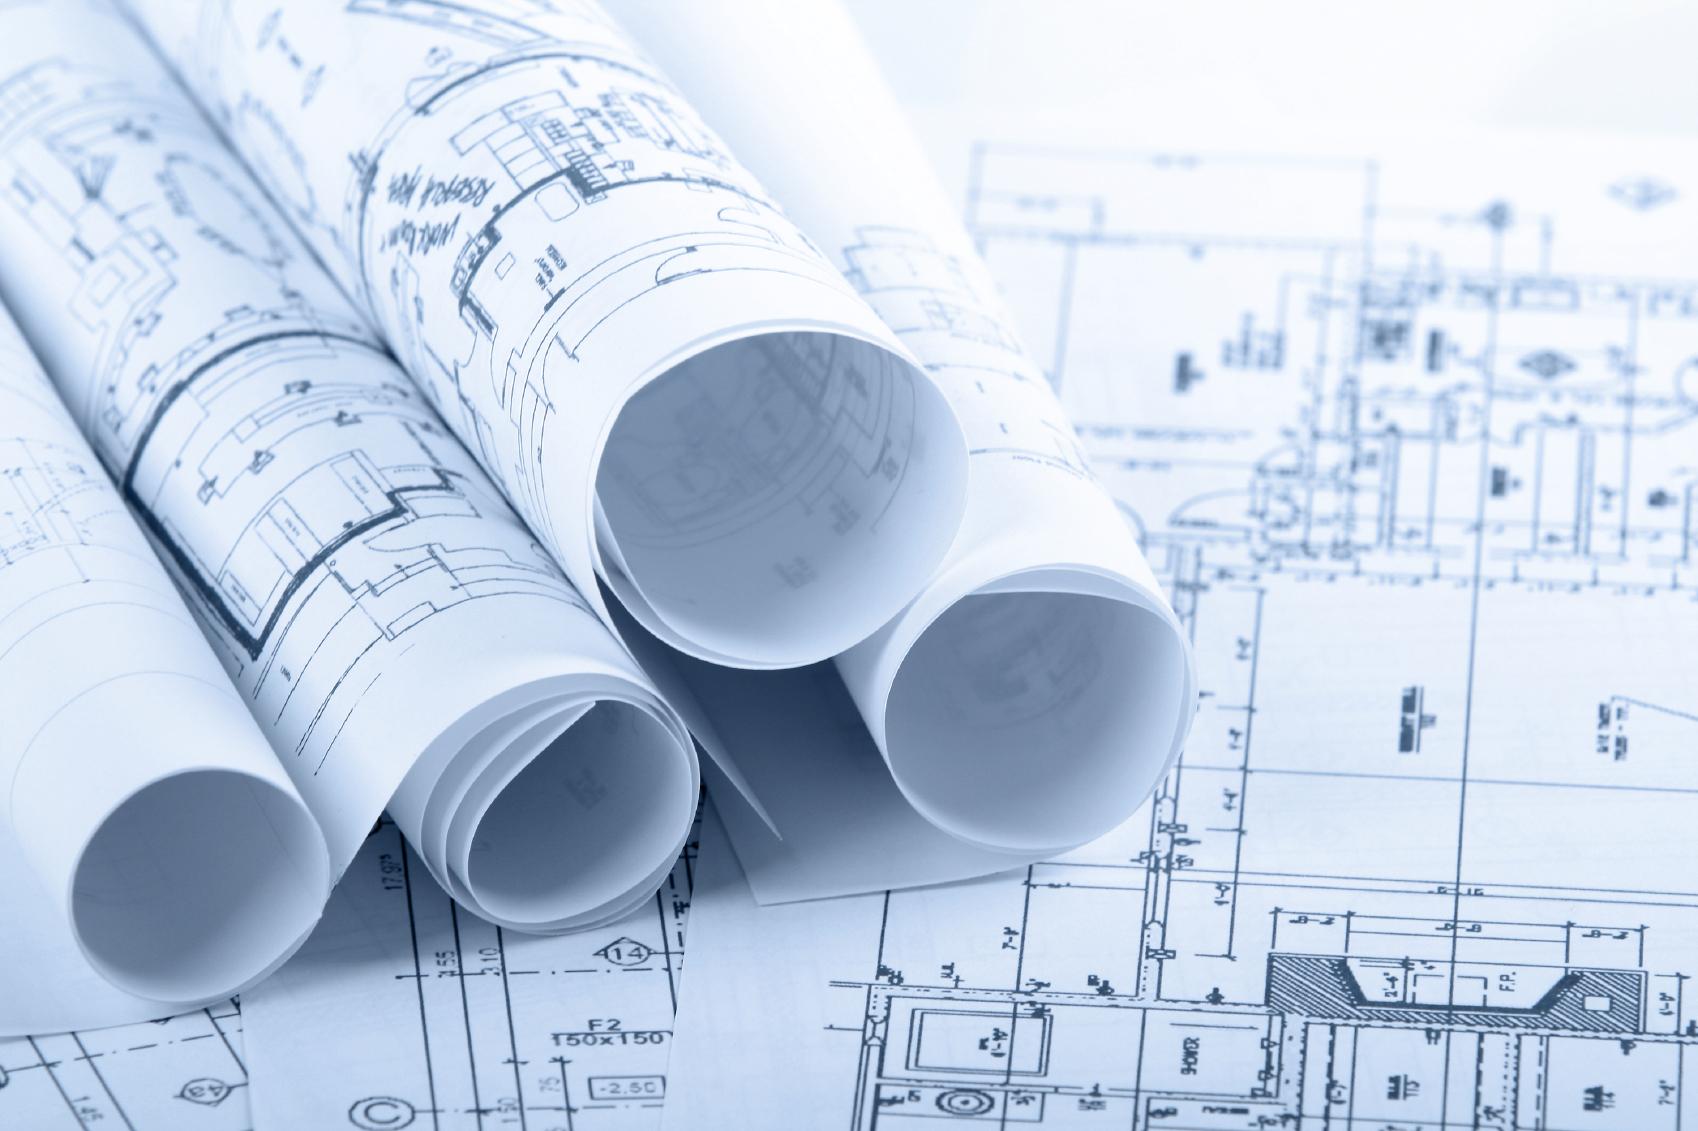 istockmedium-blueprints